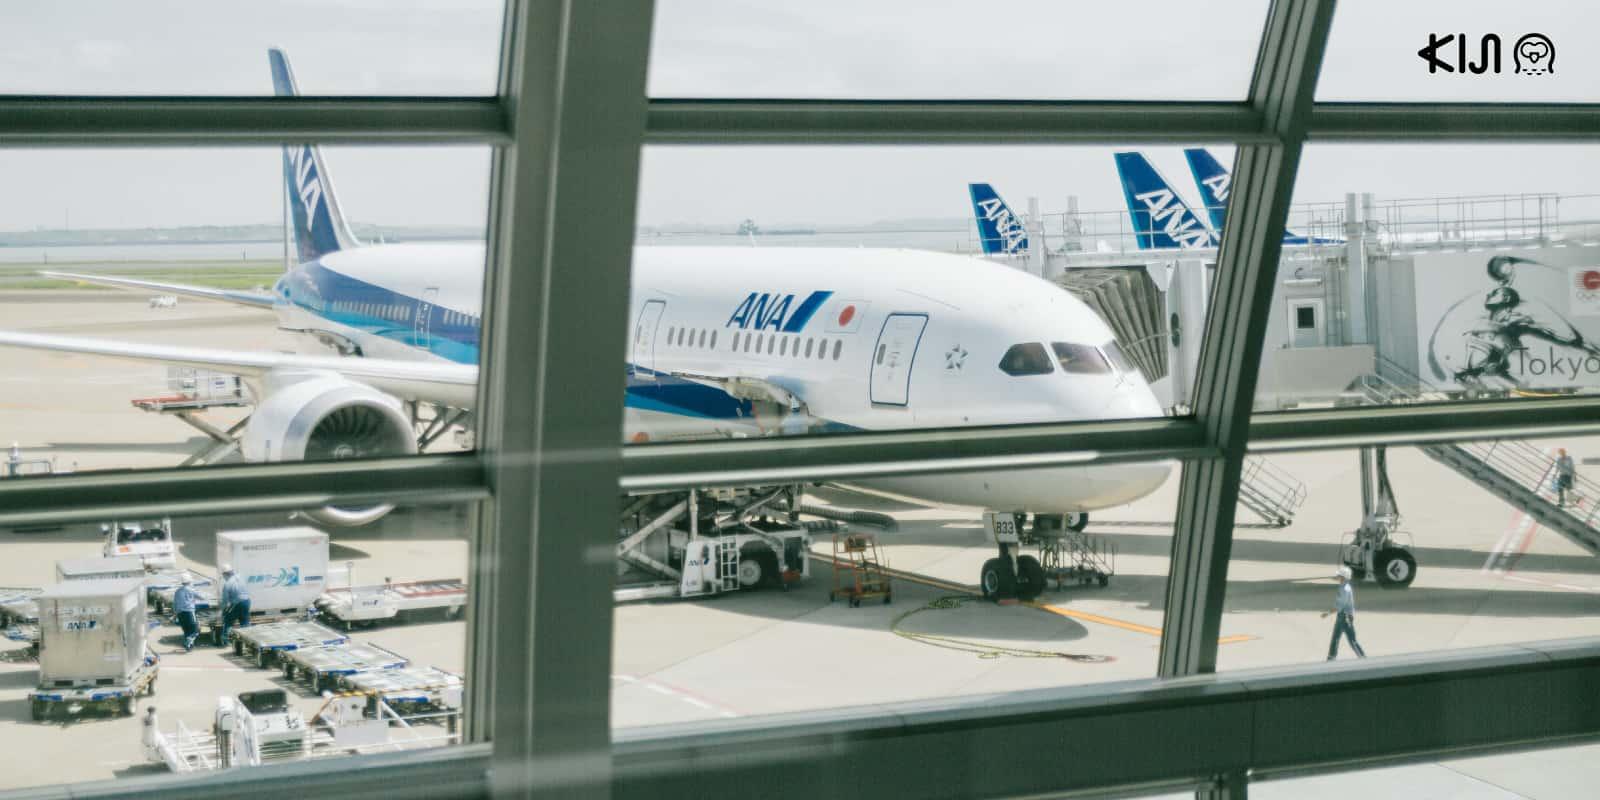 สัมผัสประสบการณ์การบินที่บ้านด้วยรถเข็นเครื่องดื่มของแท้จากสายการบิน ANA